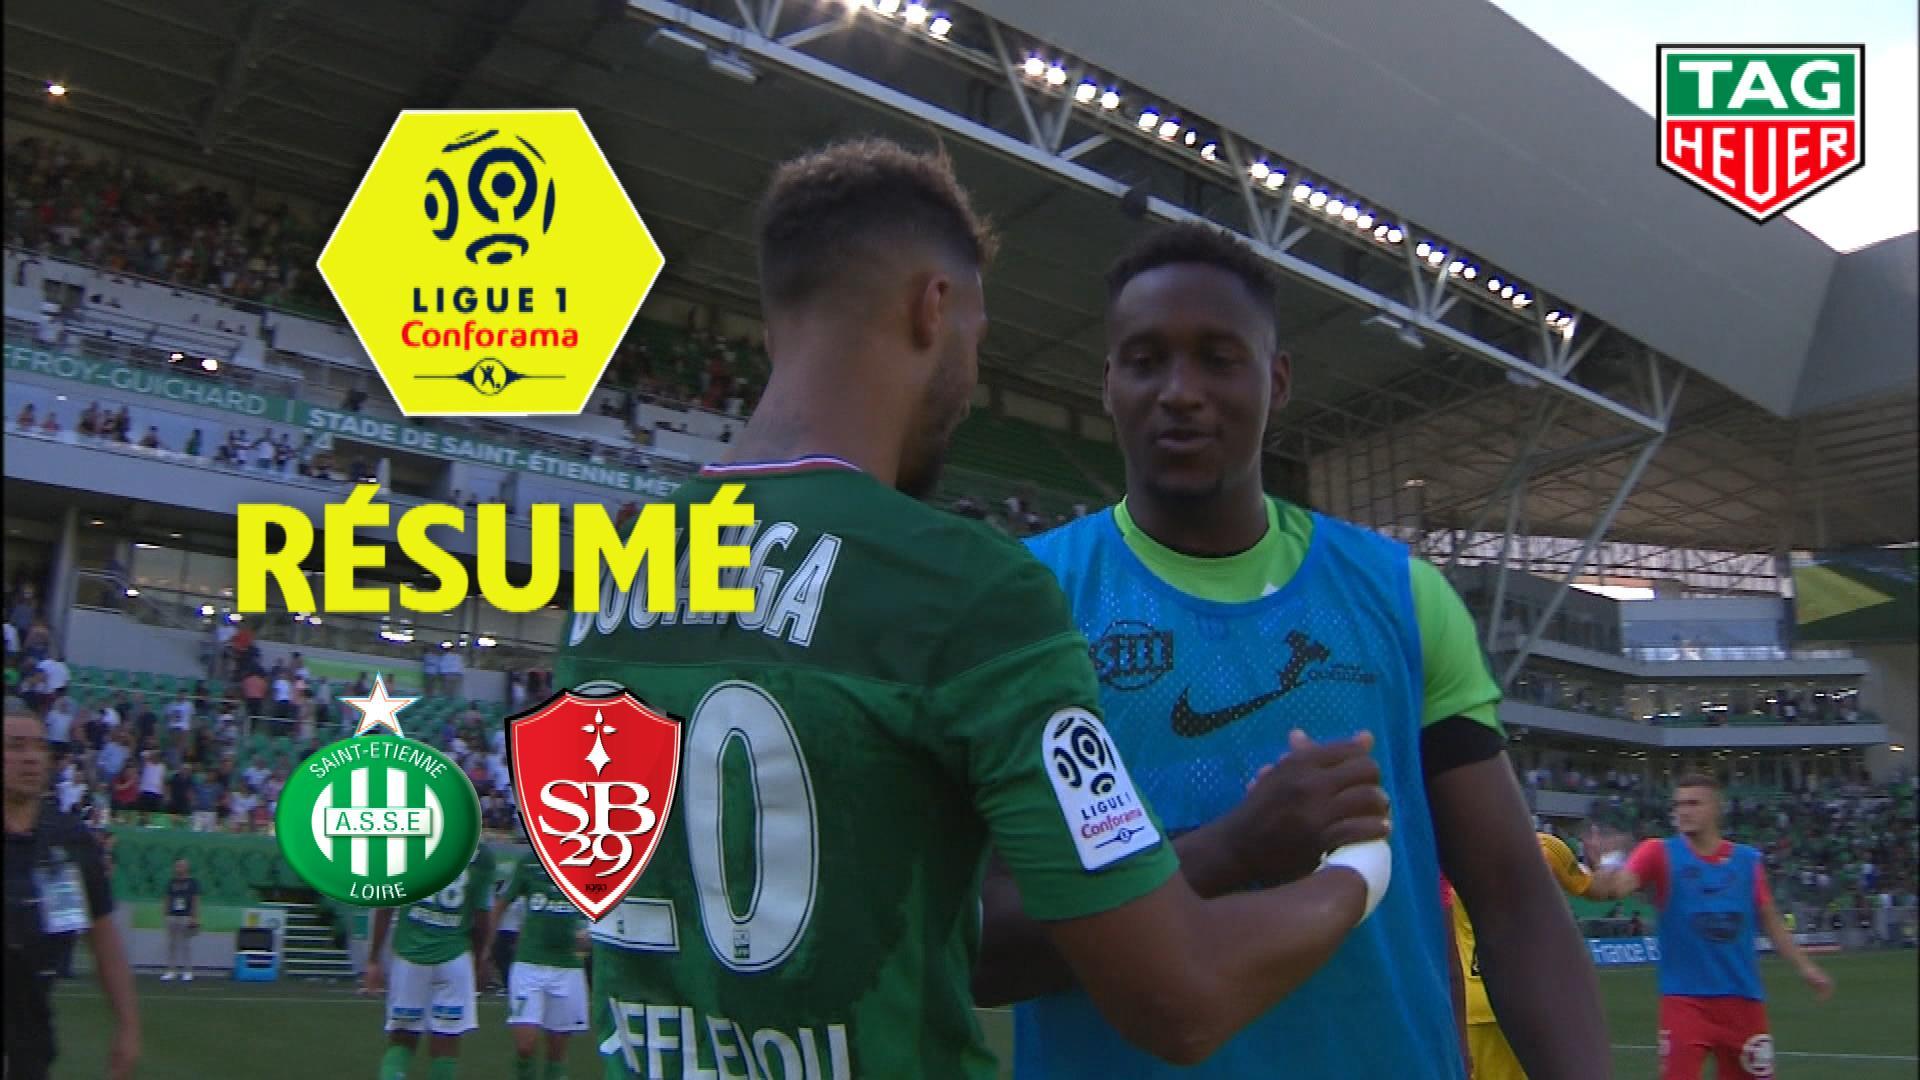 AS Saint-Etienne - Stade Brestois 29 (1-1)  - Résumé - (ASSE-BREST) / 2019-20